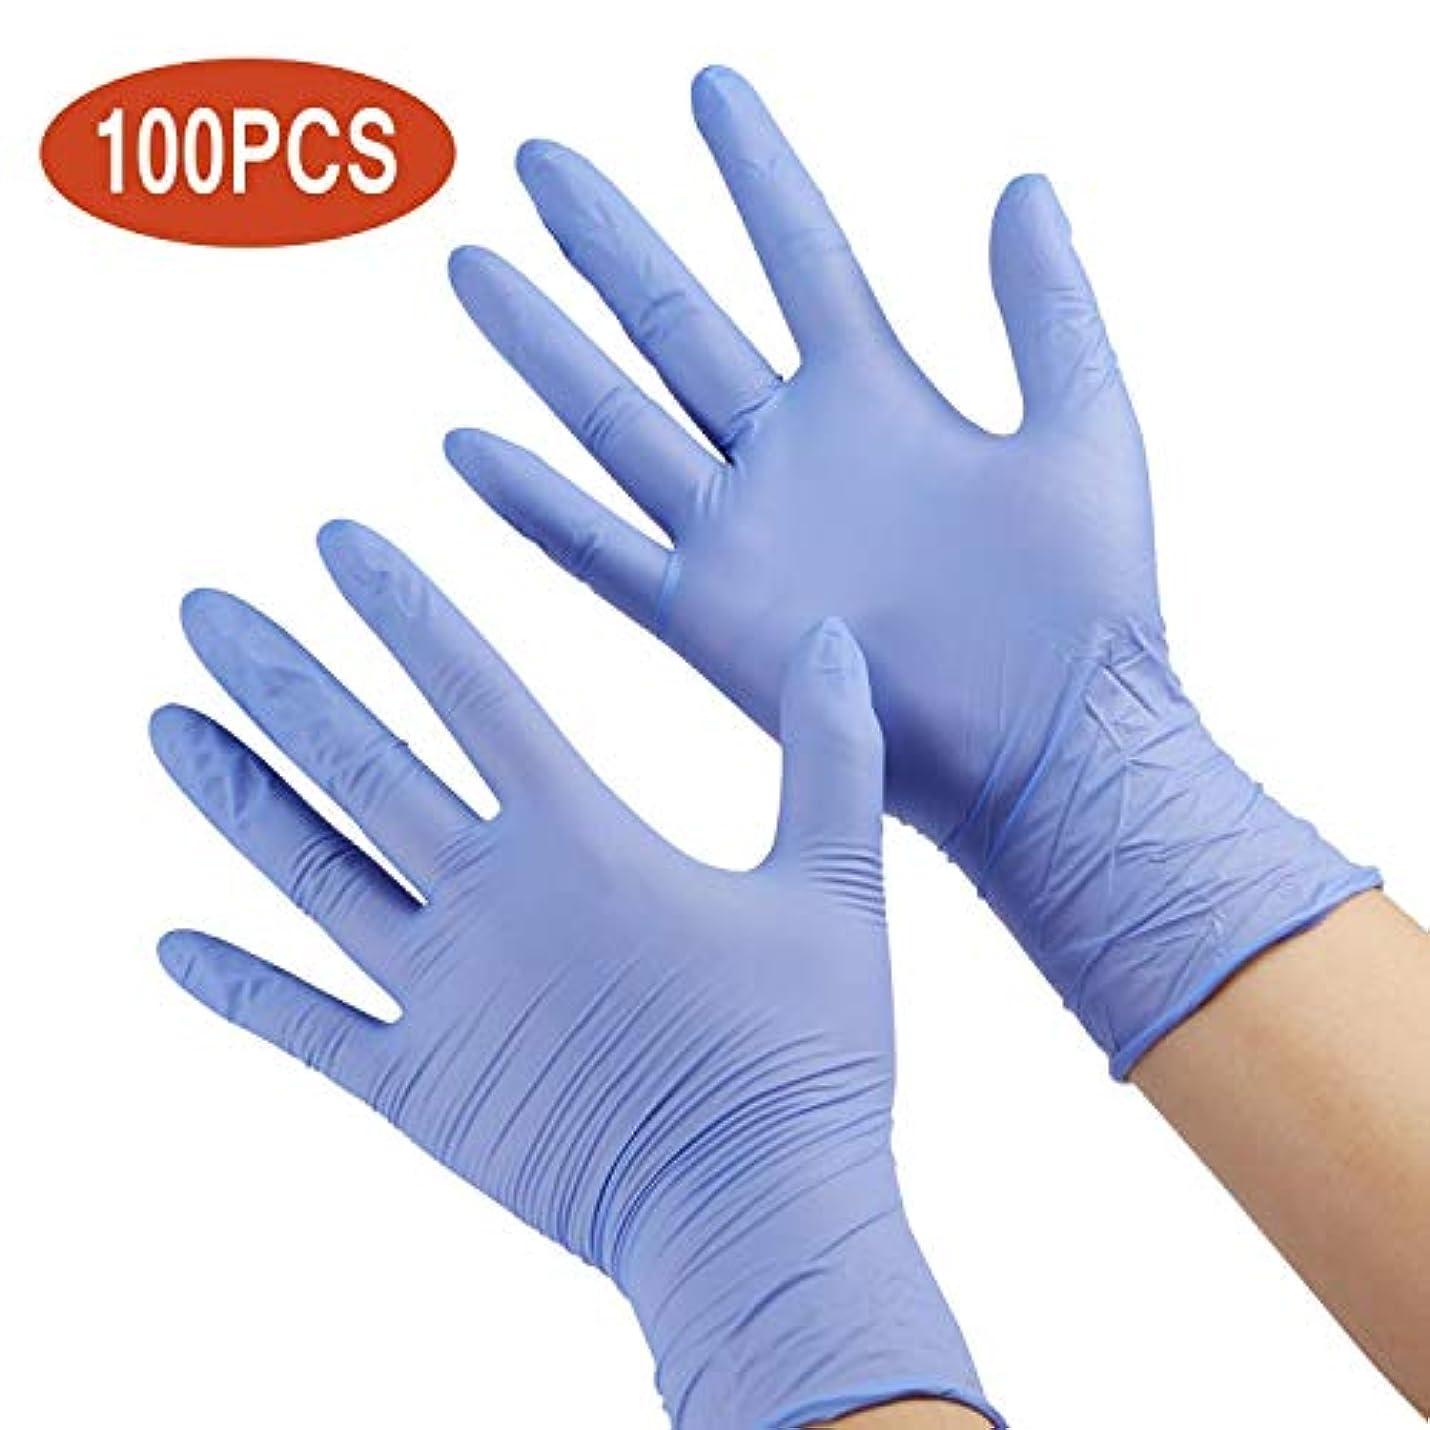 もの平等絵子供用 使い捨てニトリル手袋 6~12歳の学生用 パウダーフリー ラテックスフリー 無臭 食品グレード アレルギーフリー テクスチャ指 100個